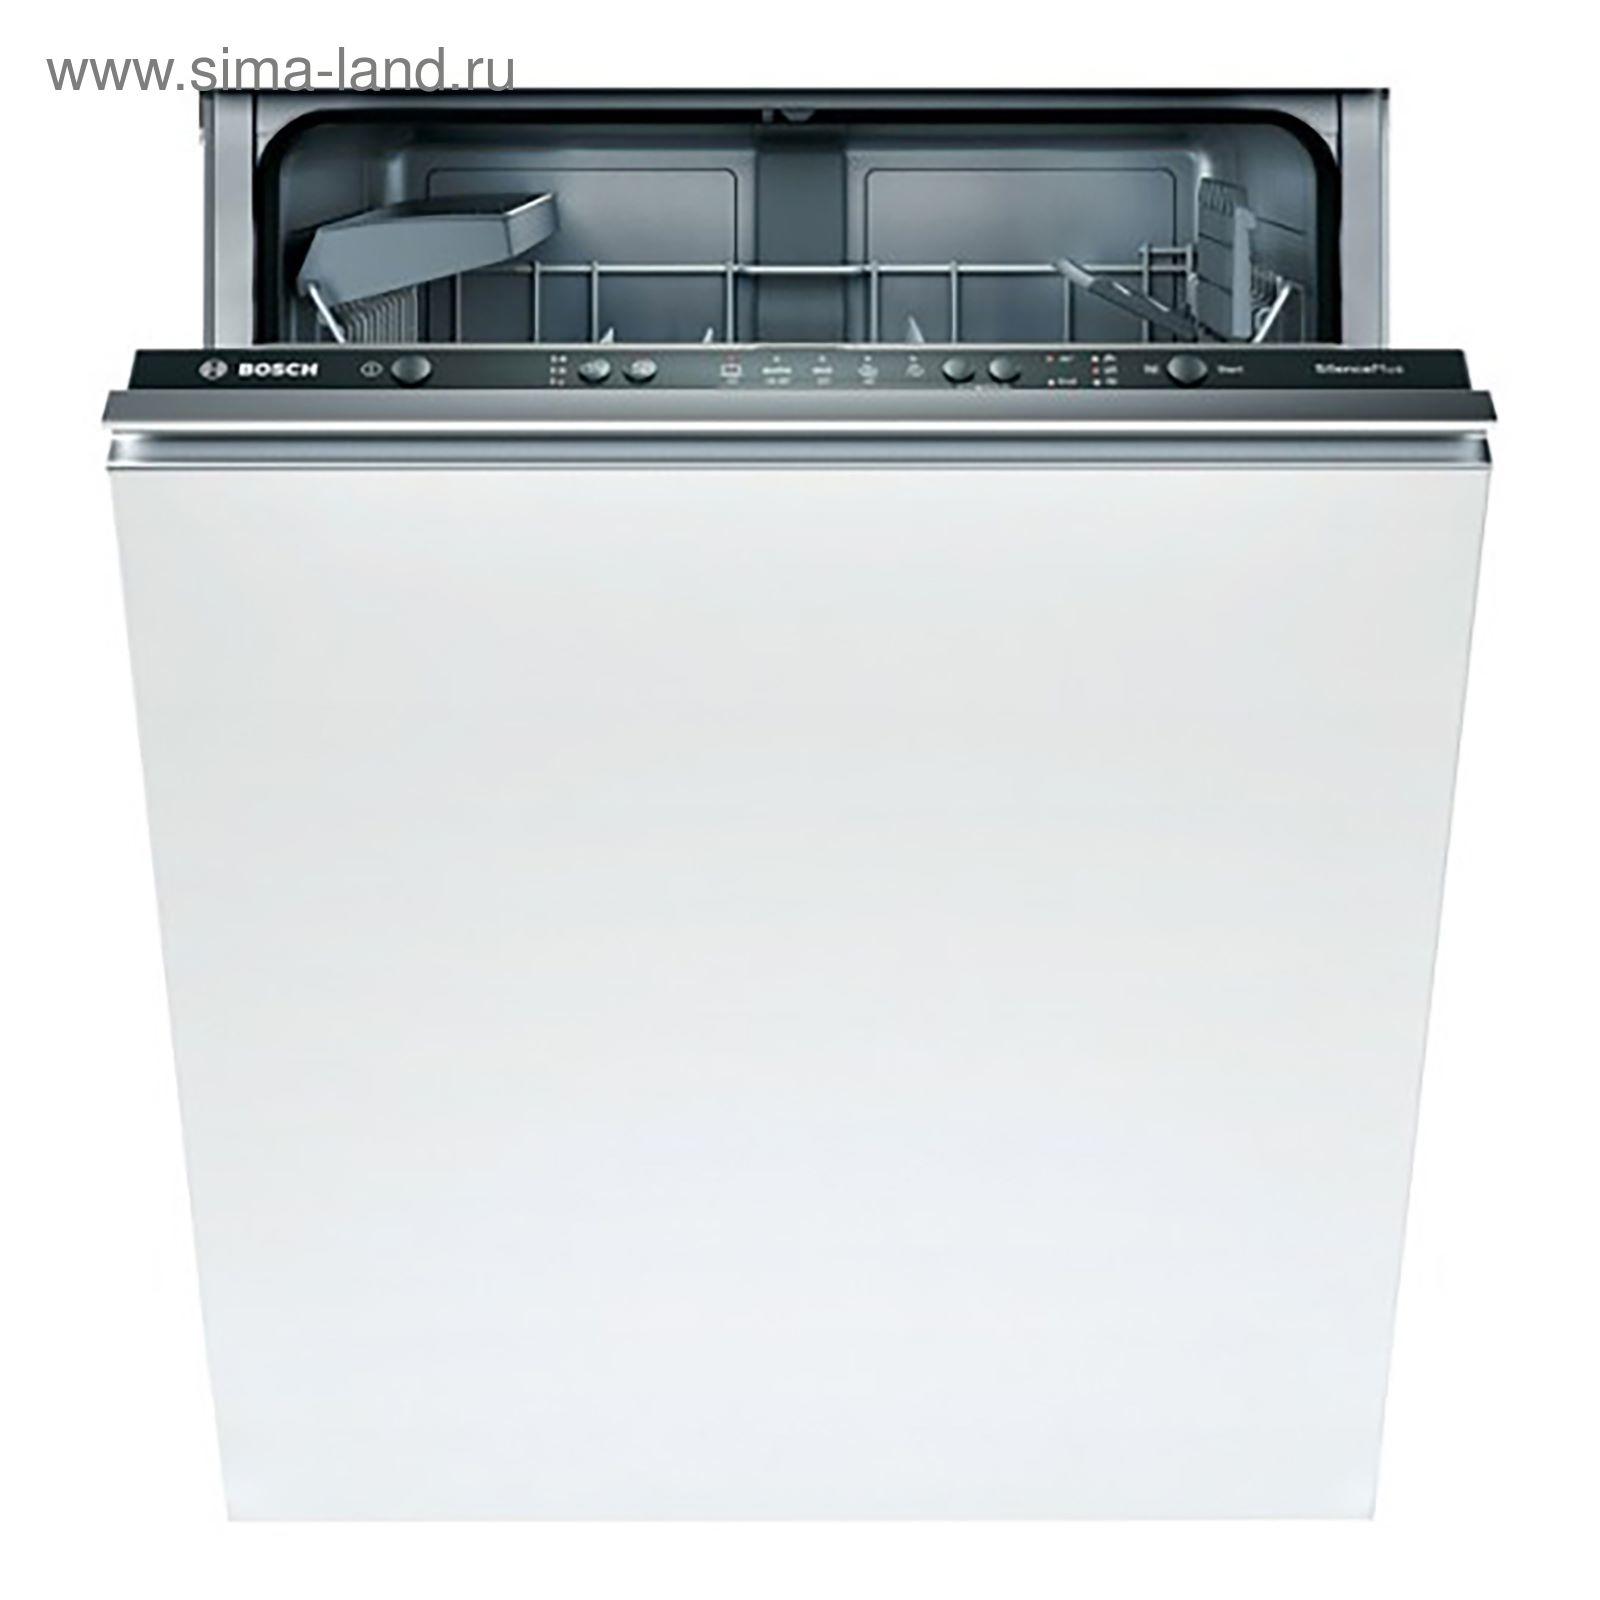 Посудомоечная машина глубина 50см